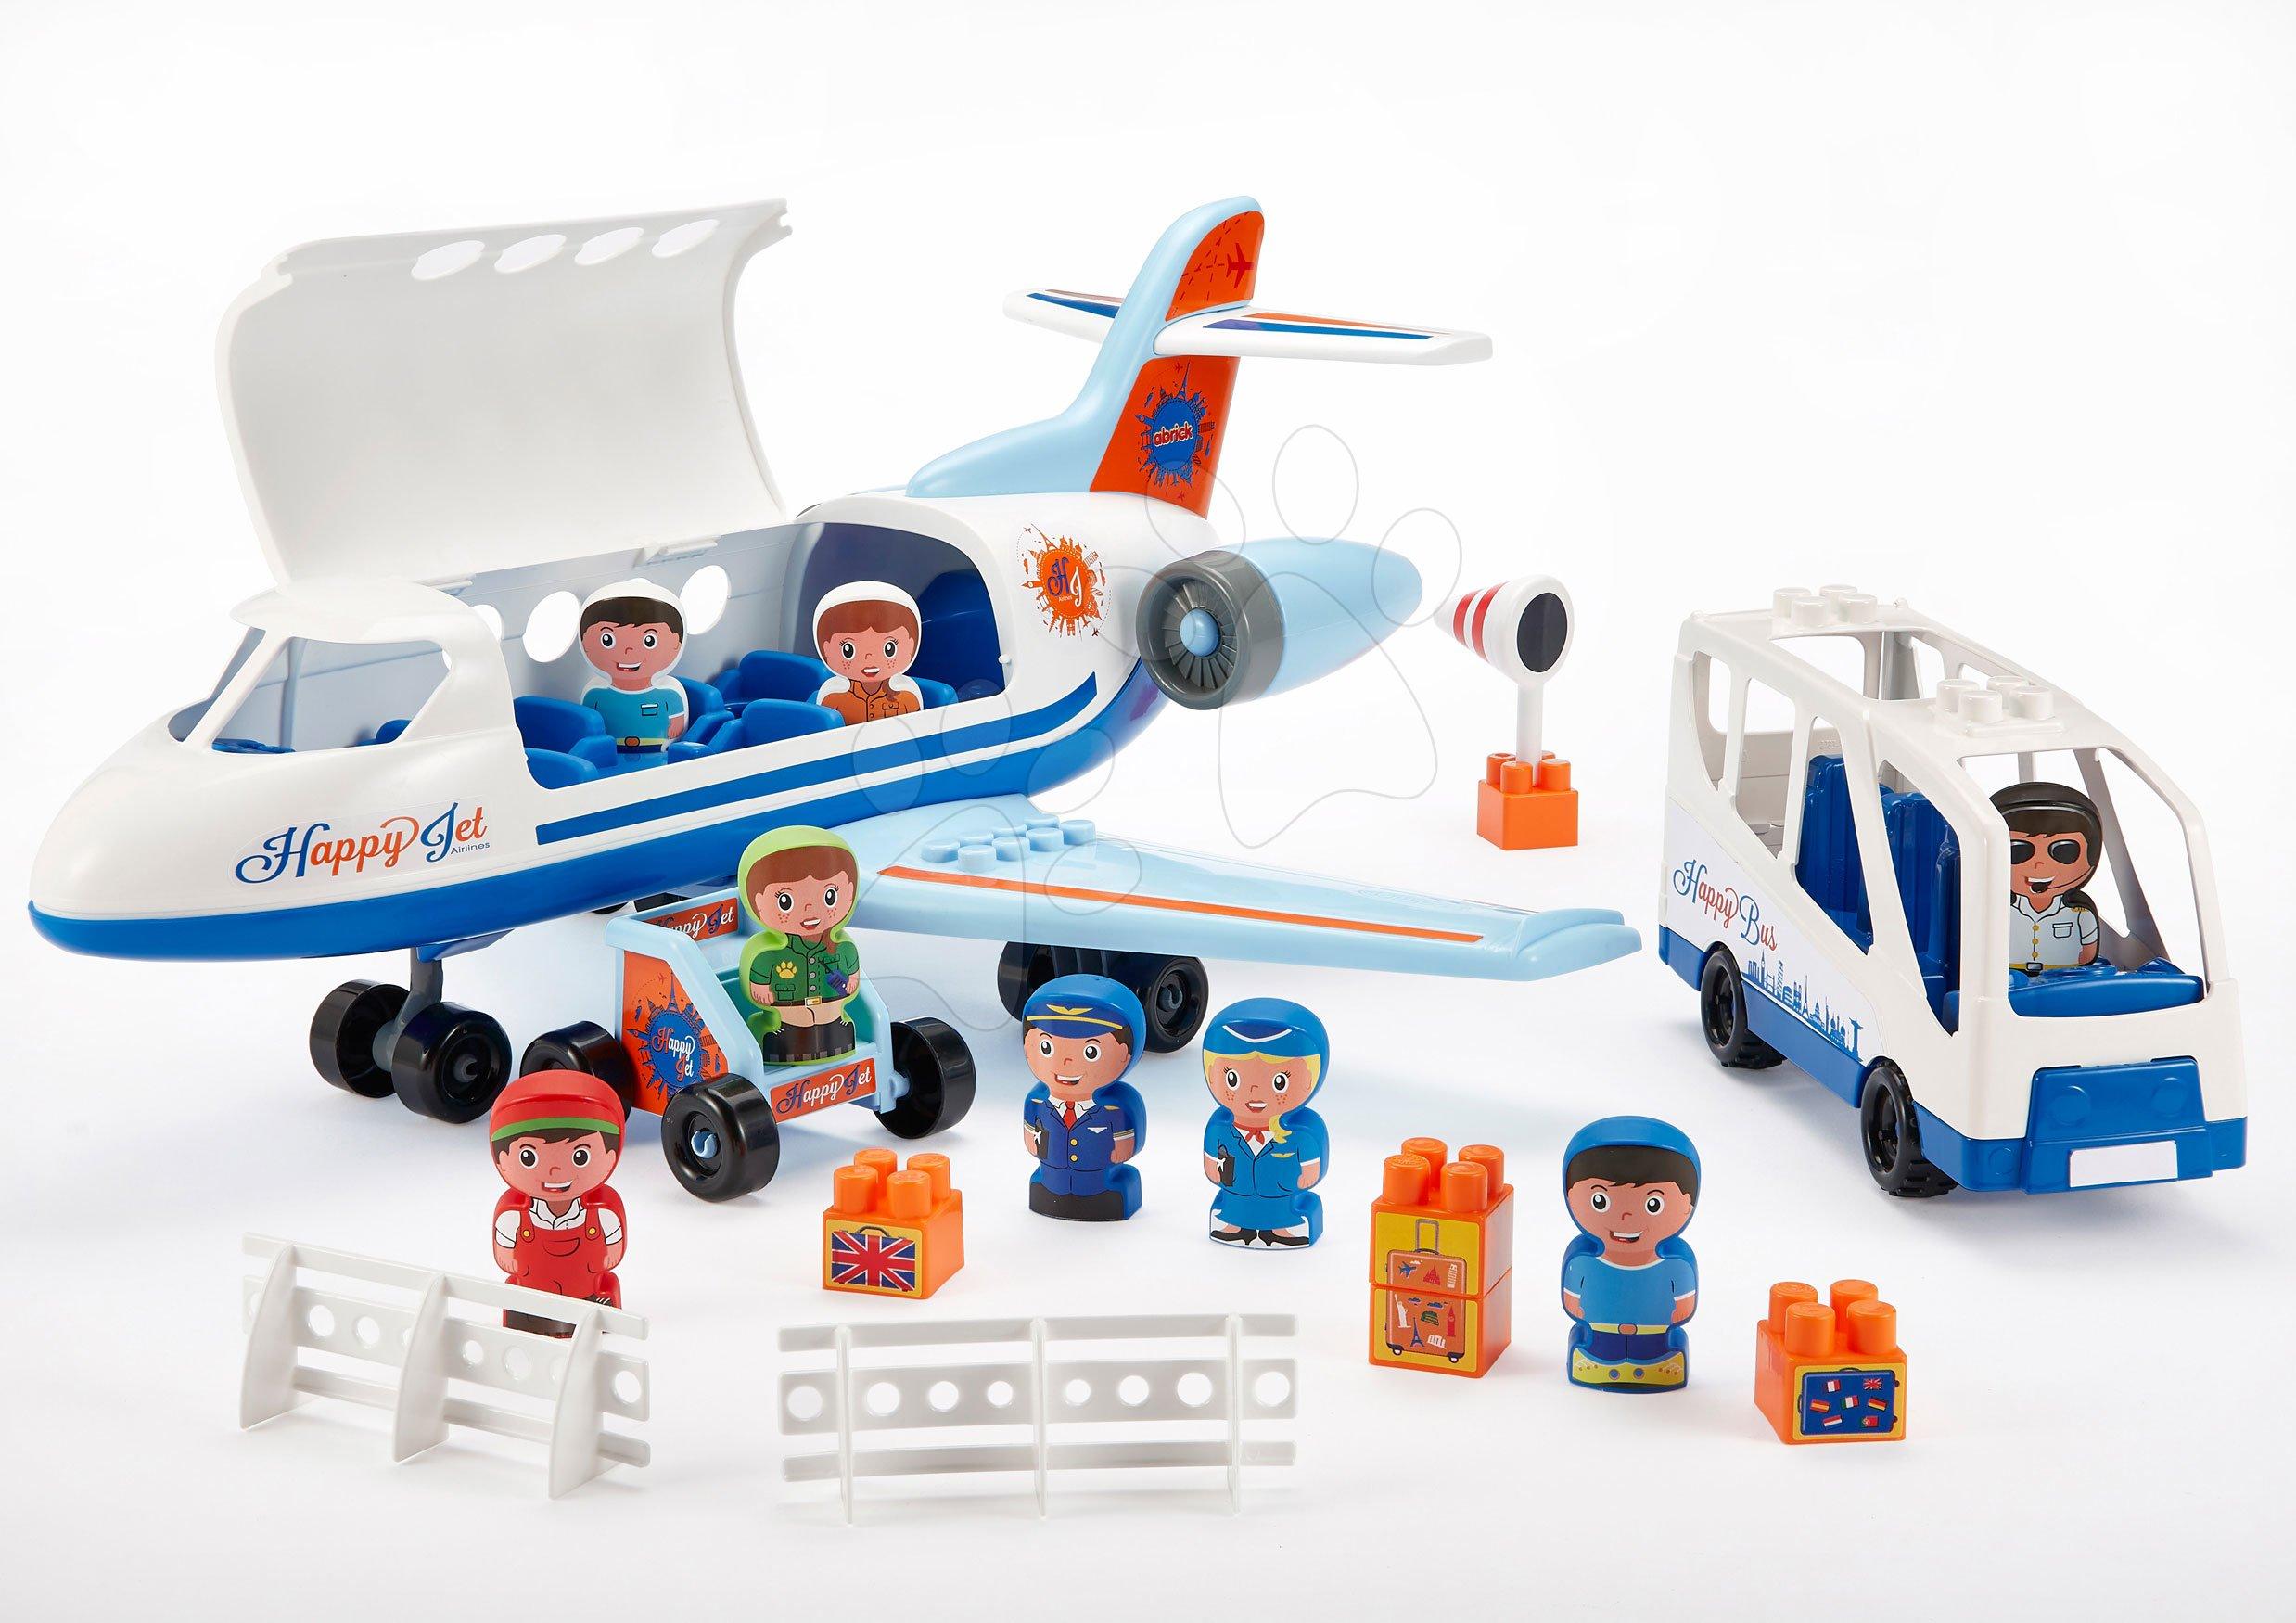 Abrick építőkockák - Építőjáték repülőgép és autóbusz Abrick Écoiffier feljáróval és 8 figurával 18 hó-tól